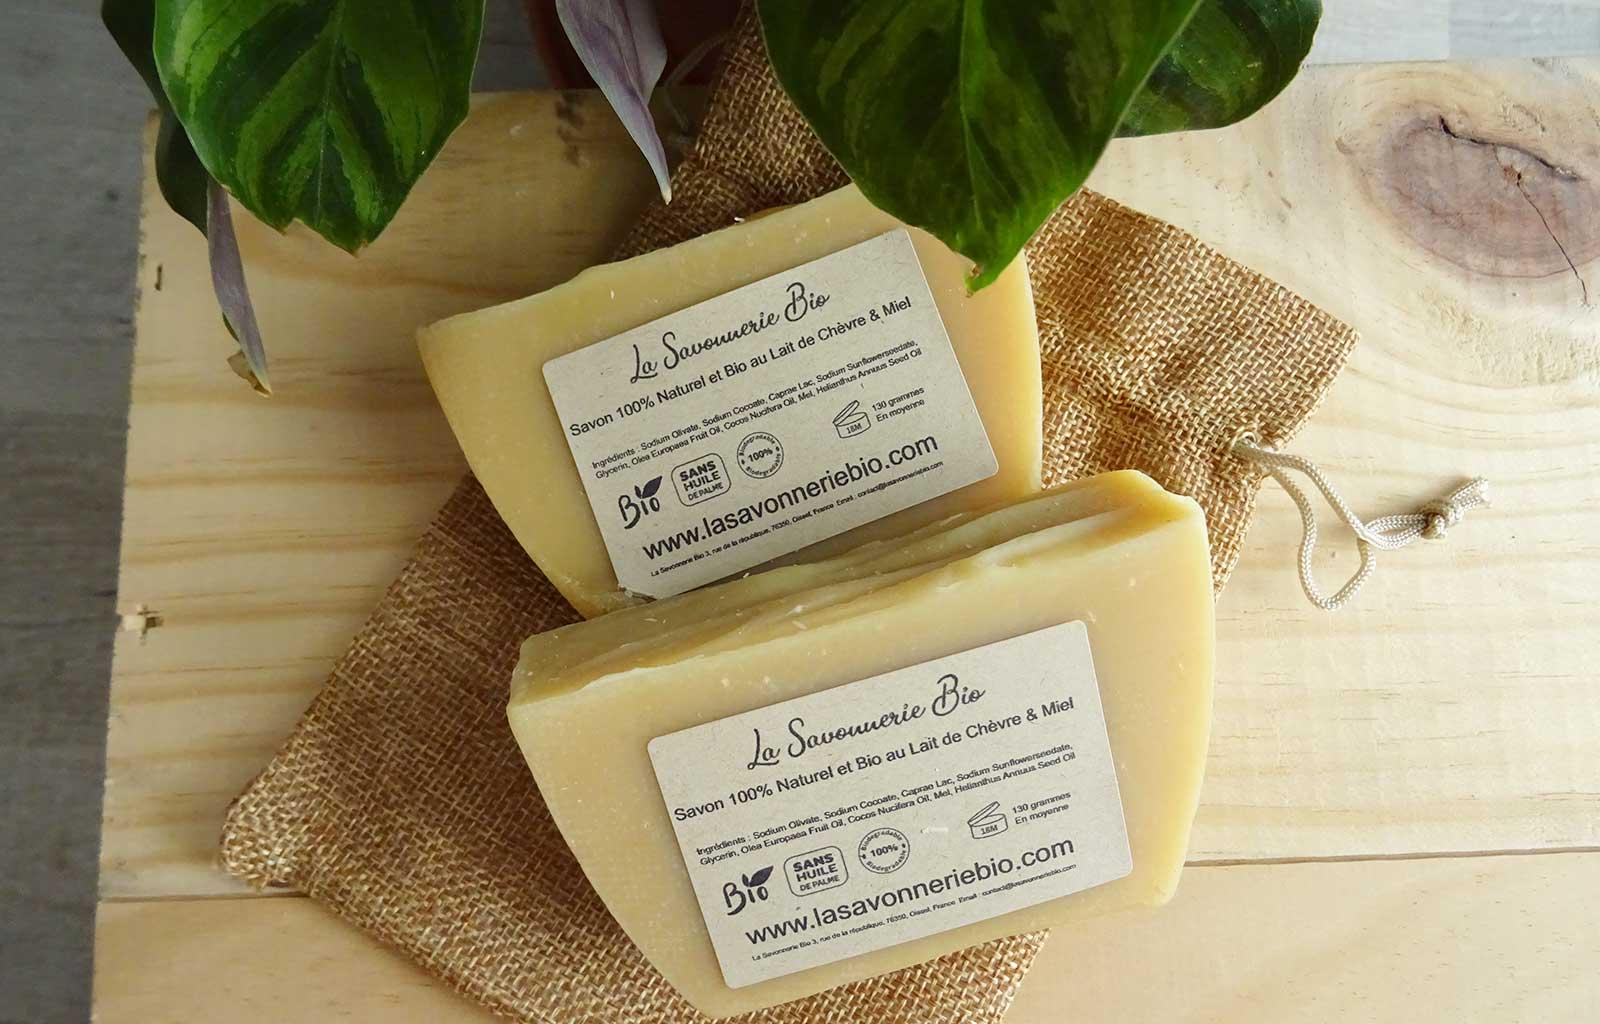 Savons et shampoings solides La Savonnerie bio